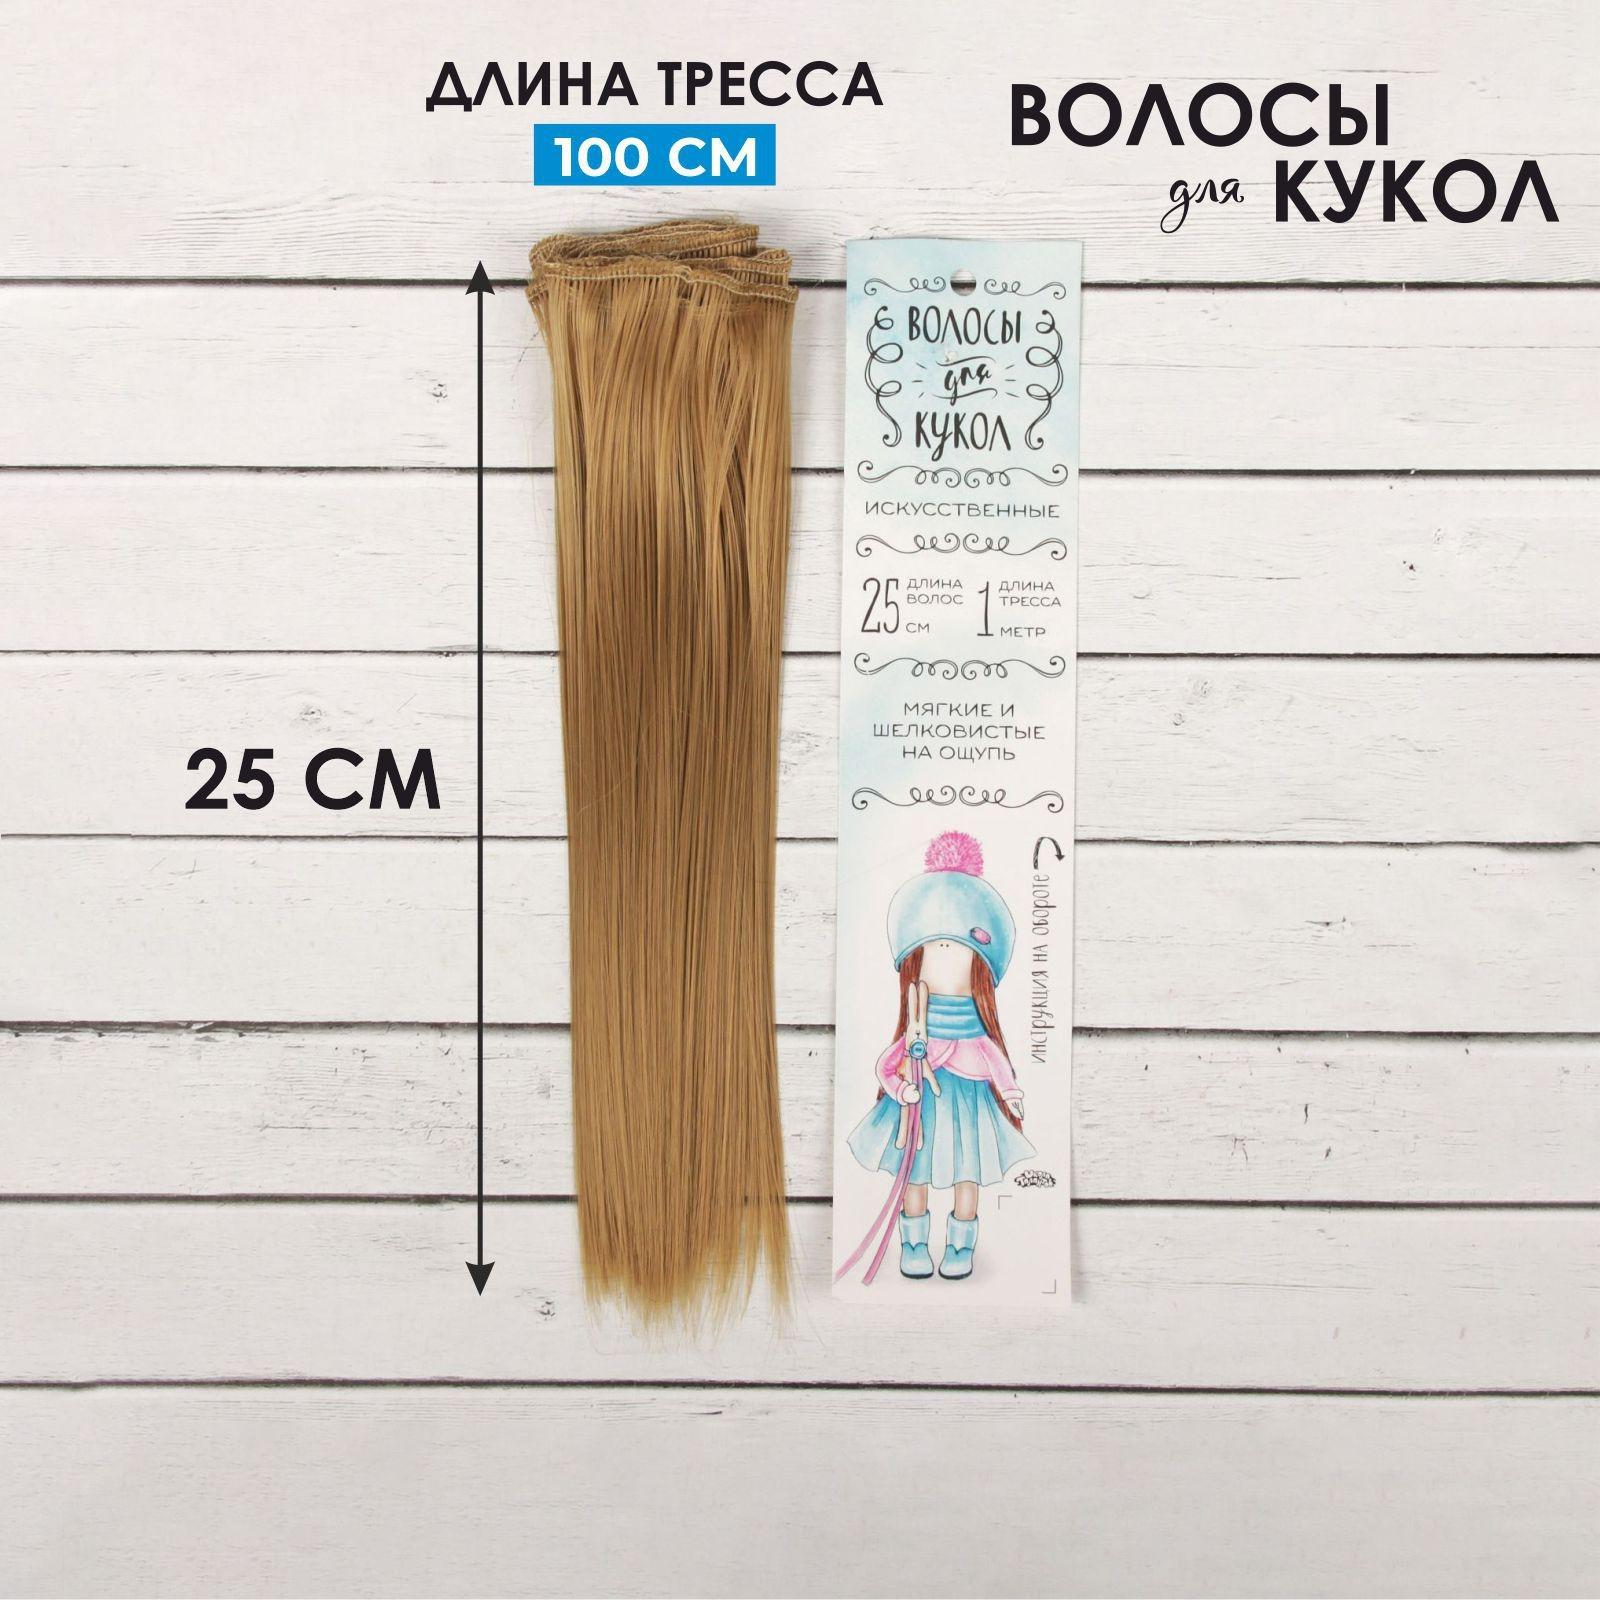 Волосы - тресс для кукол